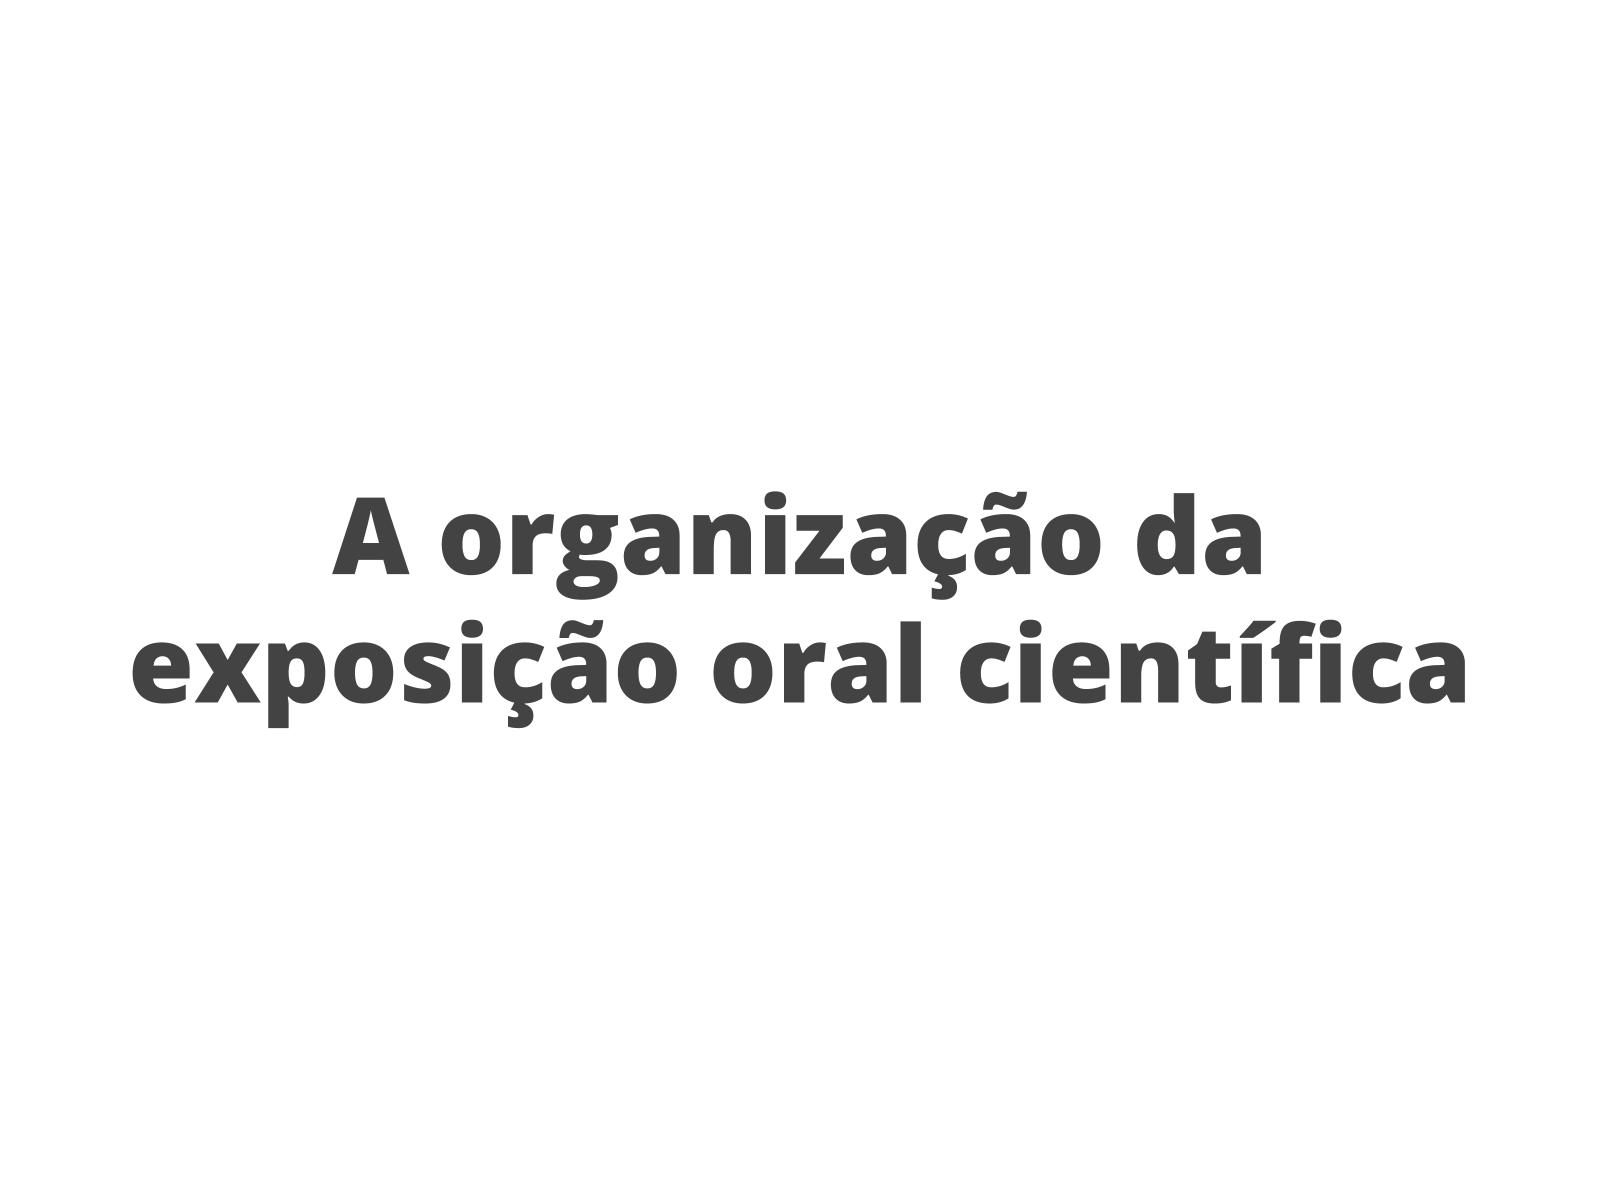 A organização da exposição oral científica